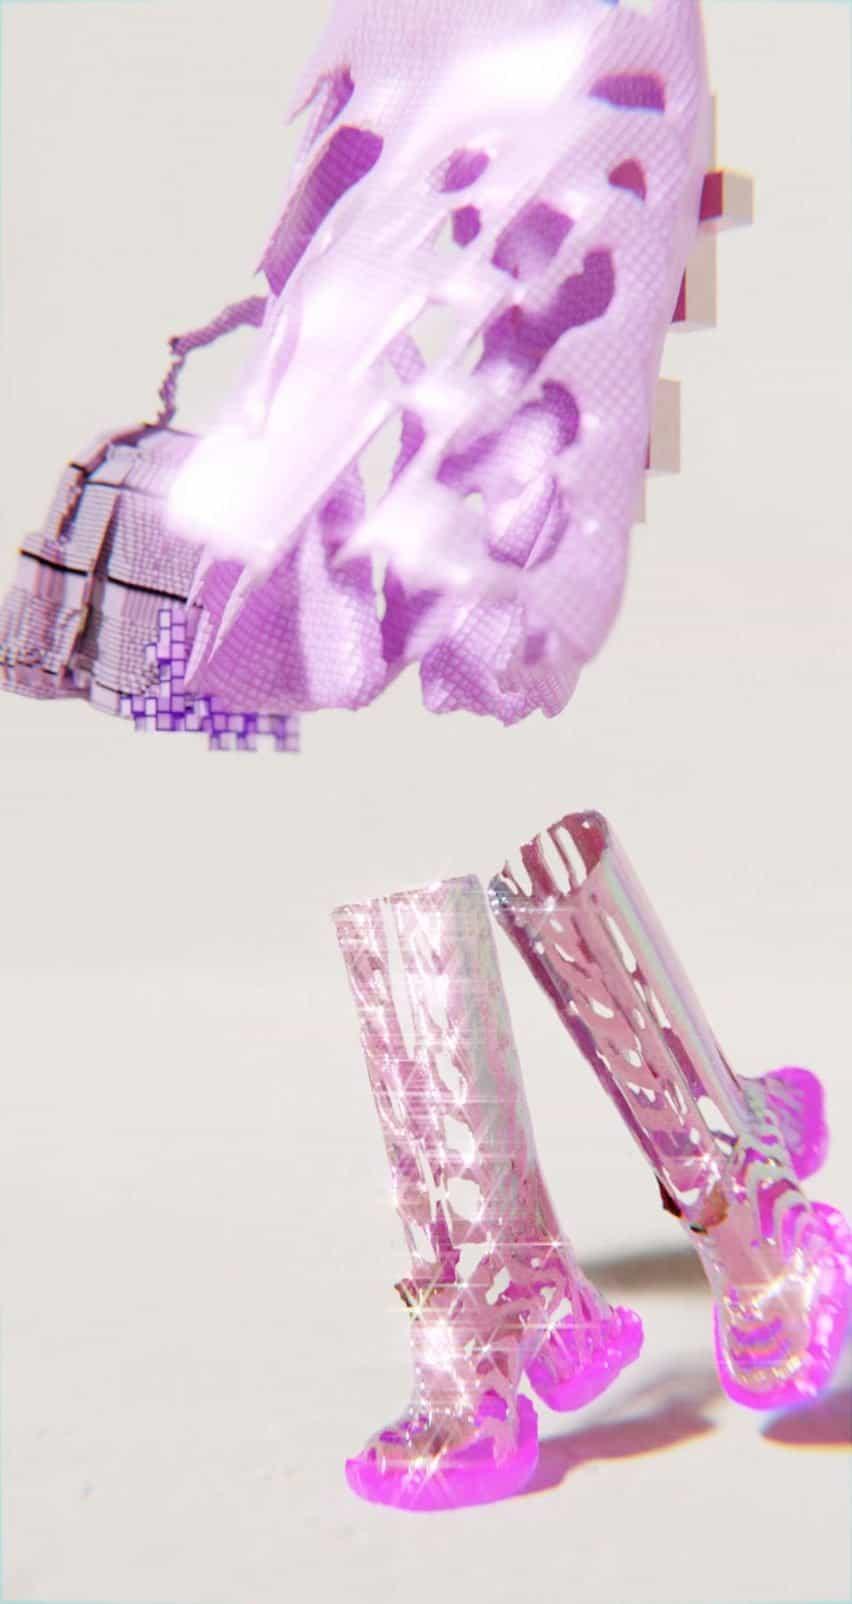 Imagen detallada de botas altas de color rosa en la colección Decrypted Garments